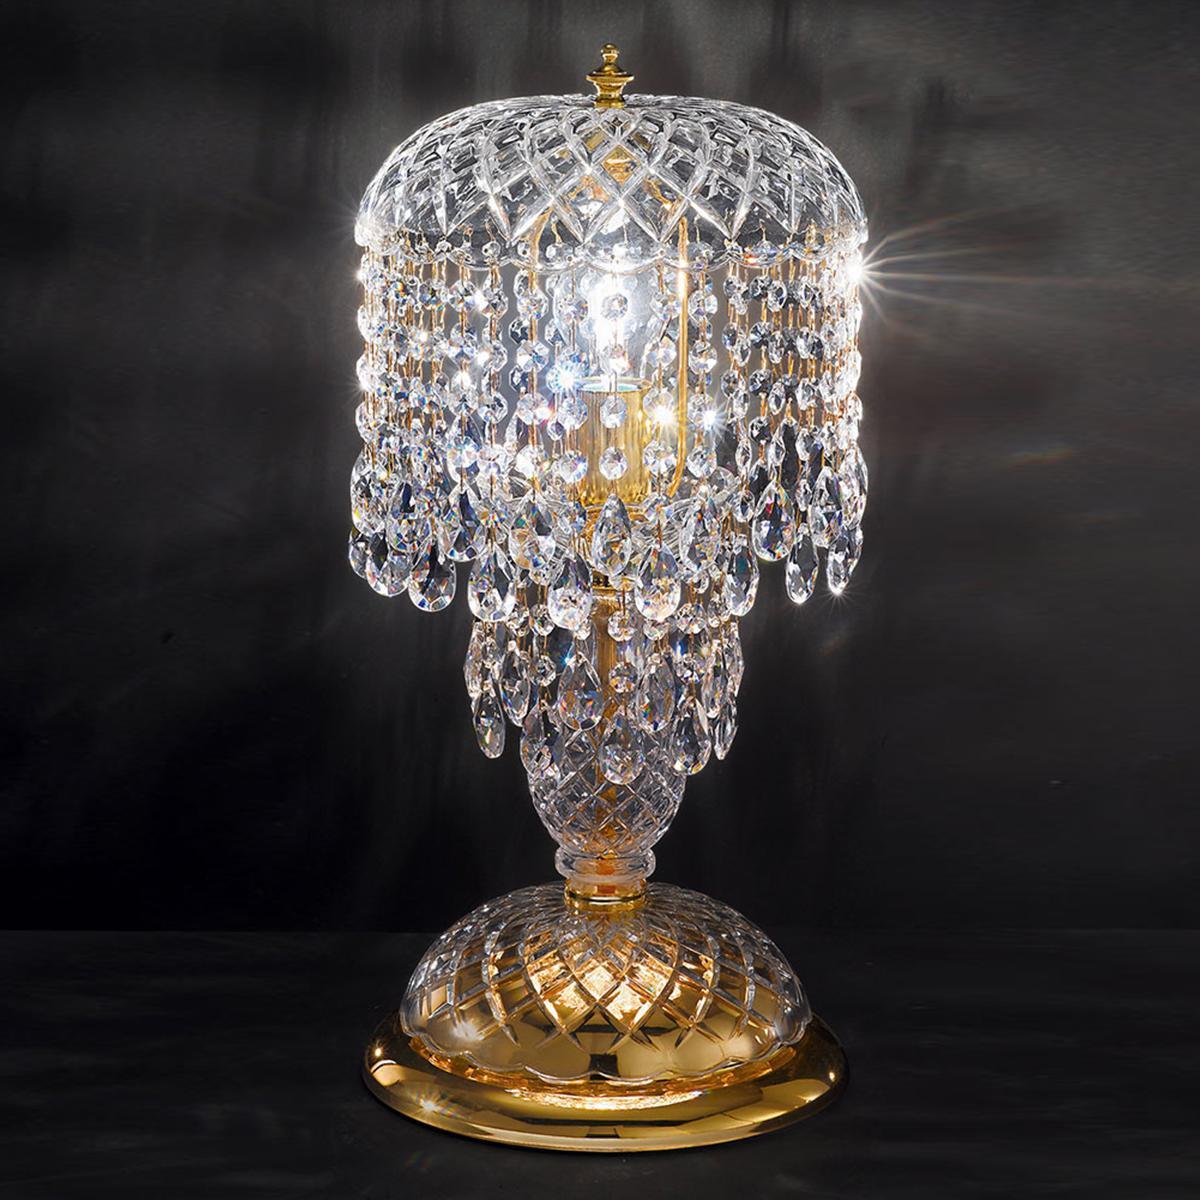 """""""Signorini"""" große venezianischer kristall nachttischleuchte - 1 flammig transparent mit kristal Asfour -"""